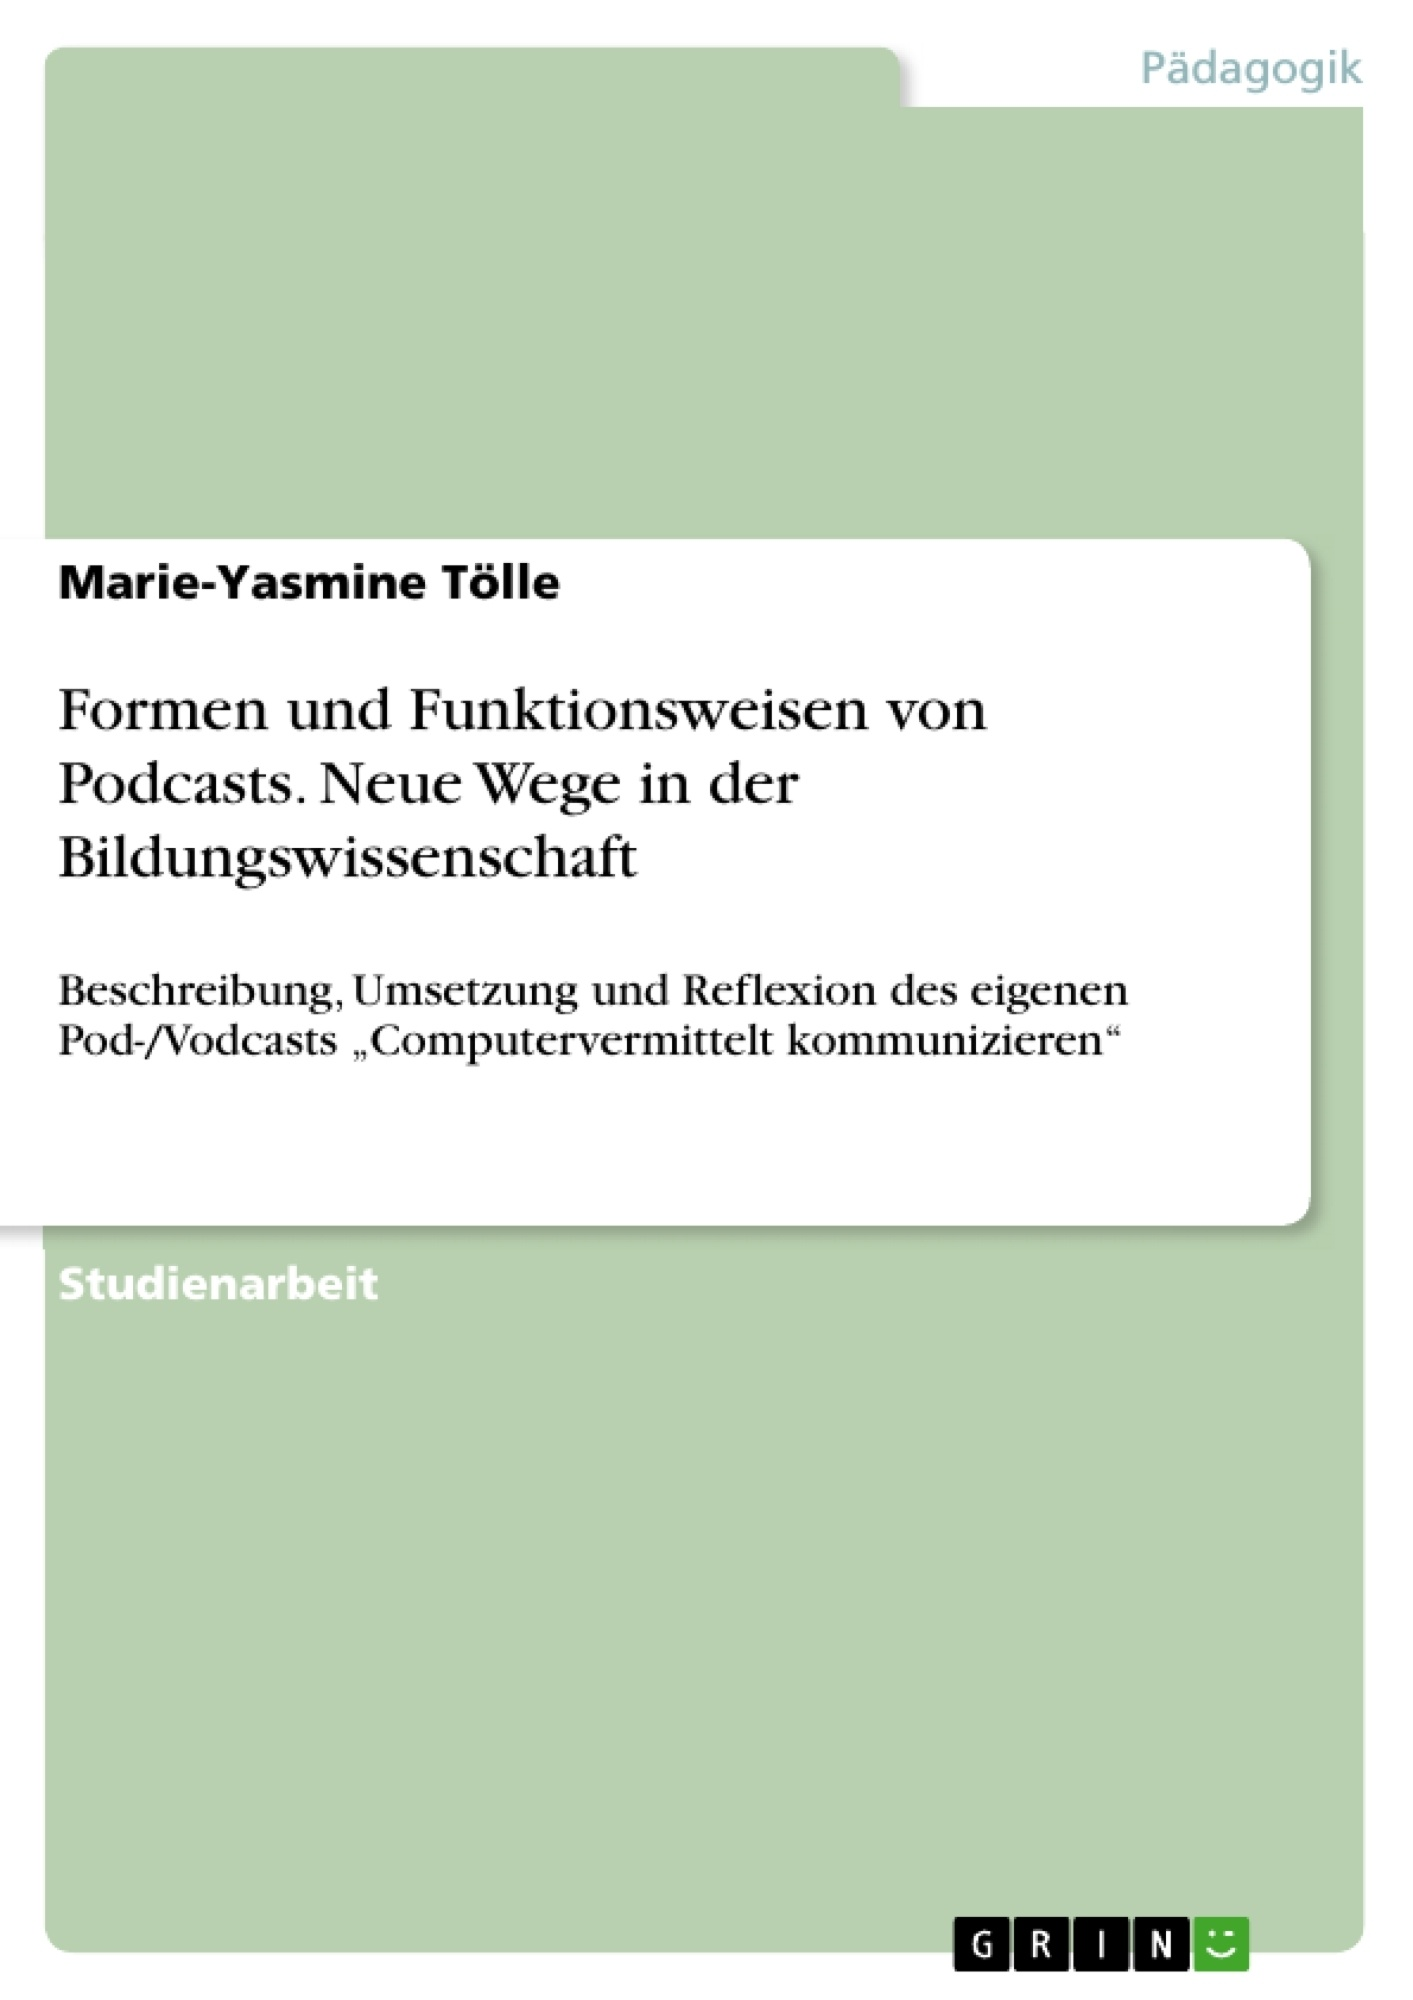 Titel: Formen und Funktionsweisen von Podcasts. Neue Wege in der Bildungswissenschaft